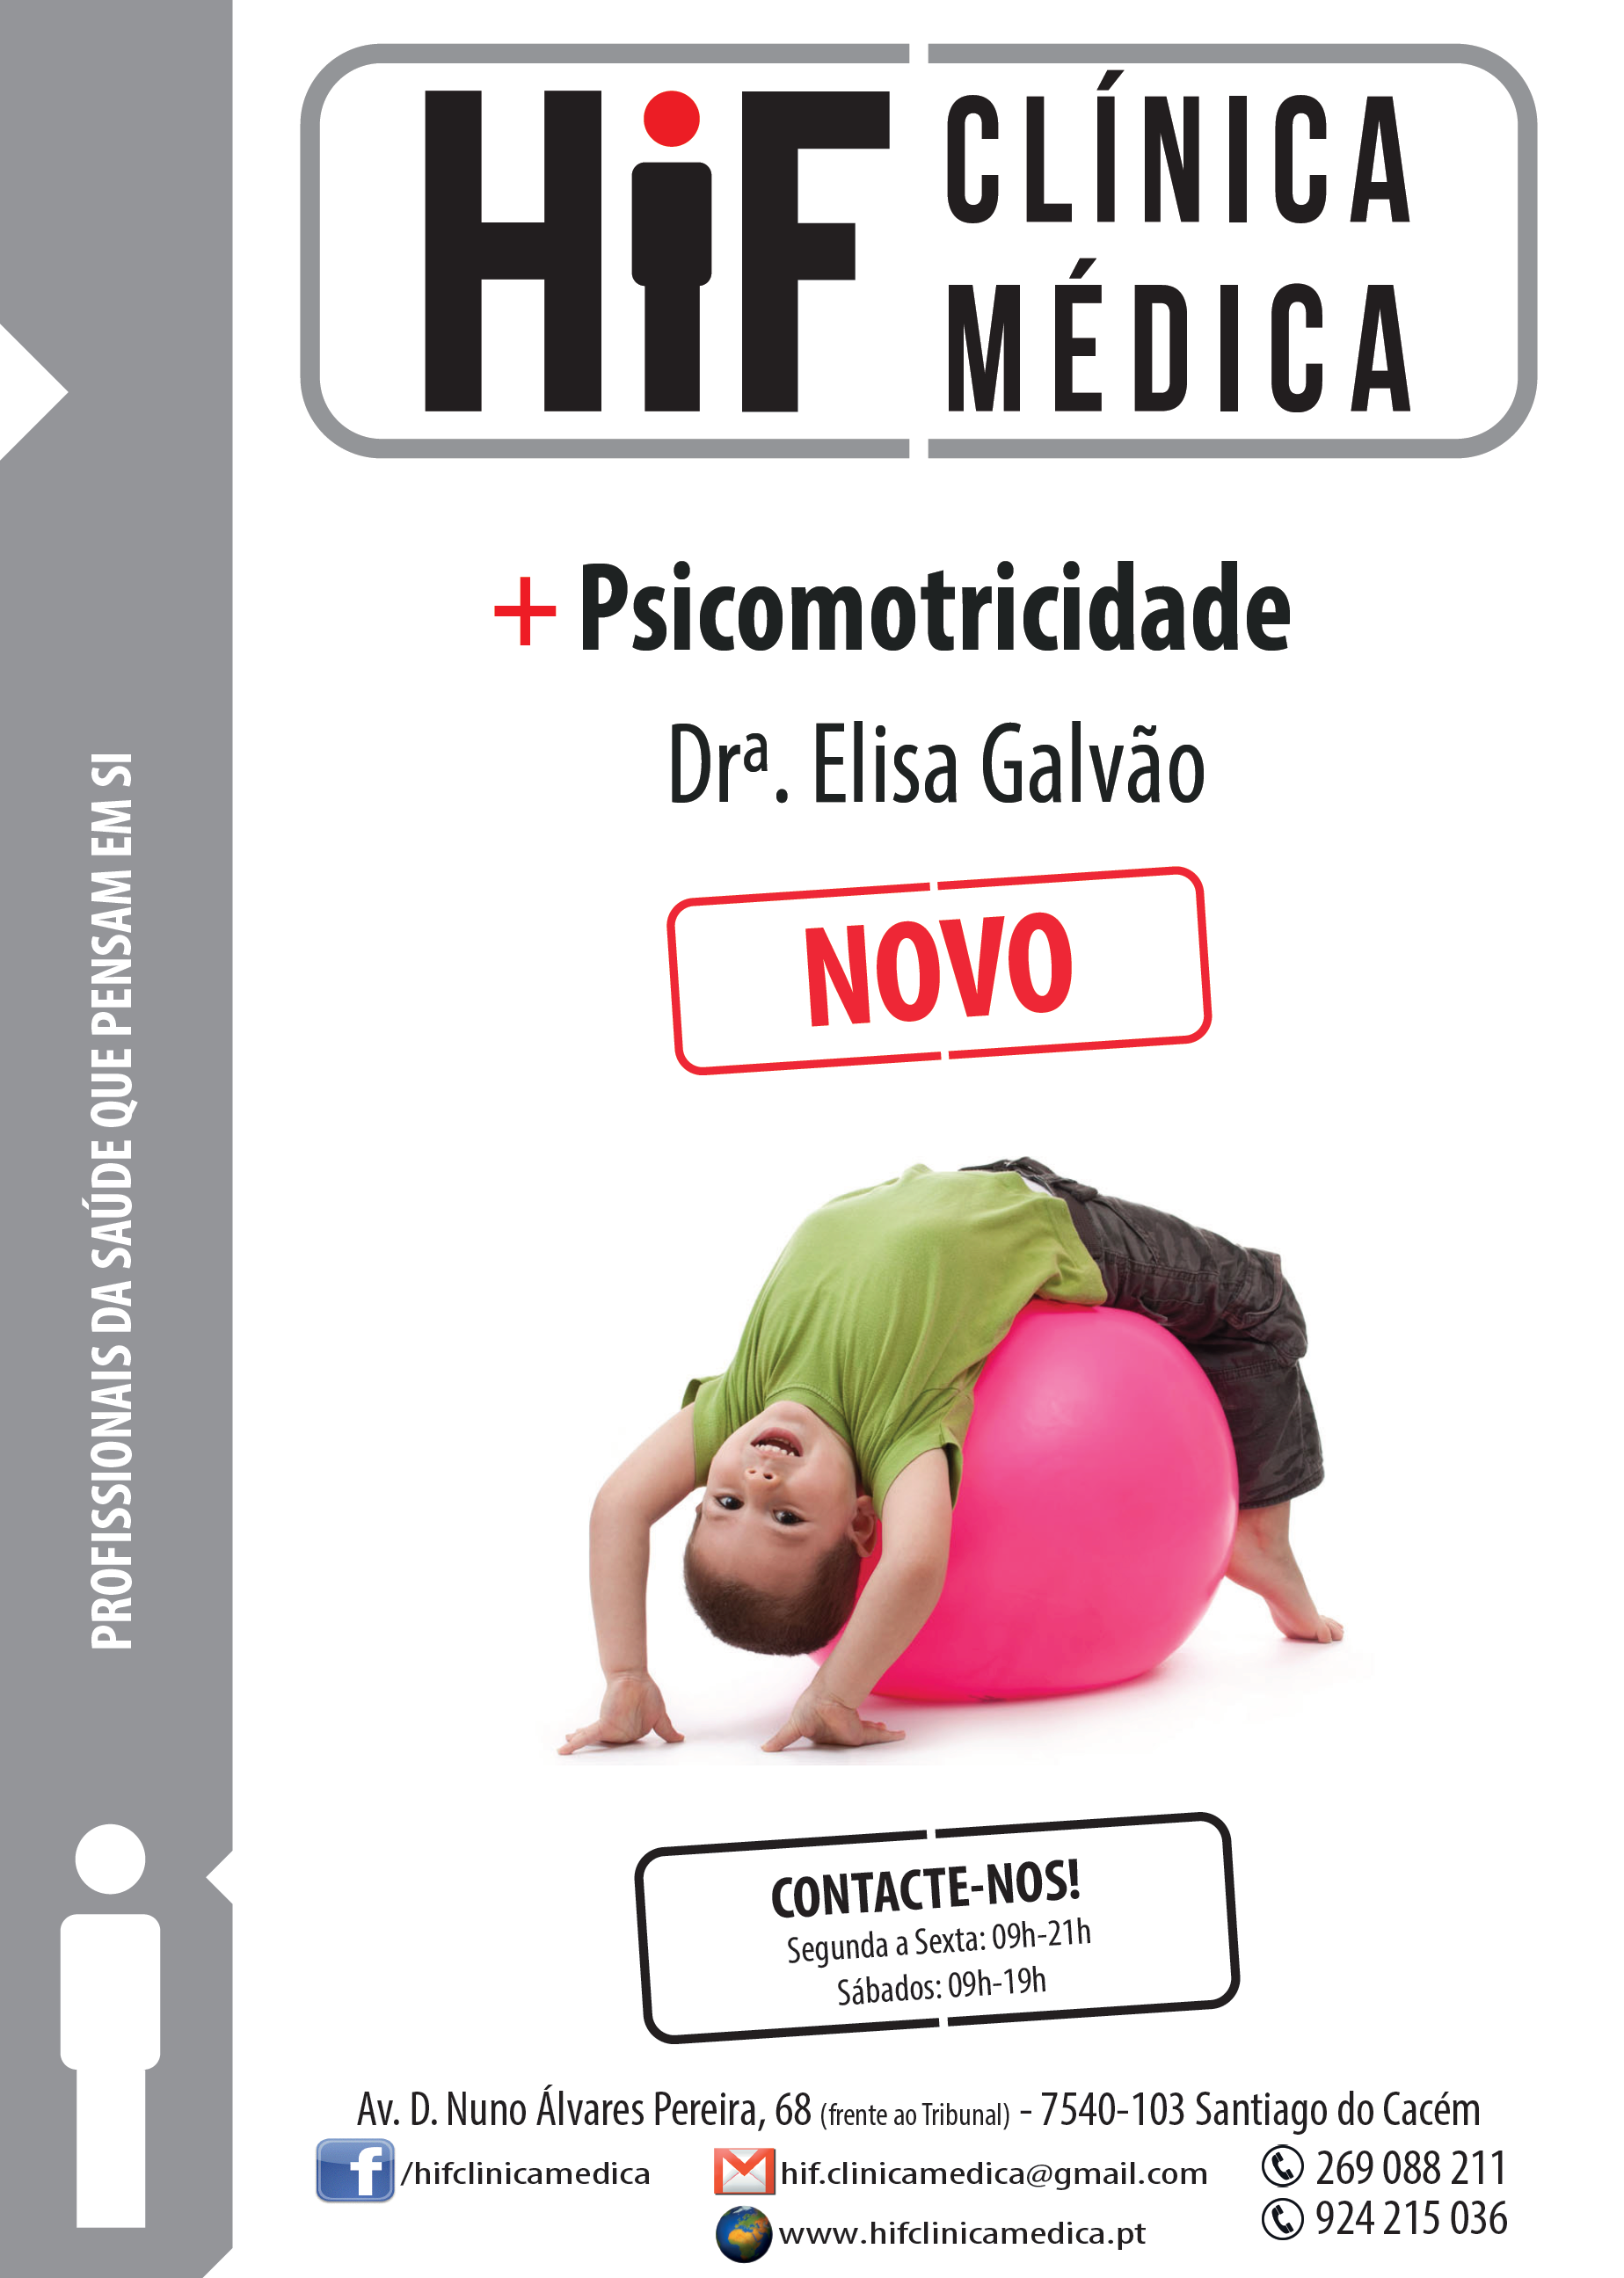 Psicomotricidade - HiF